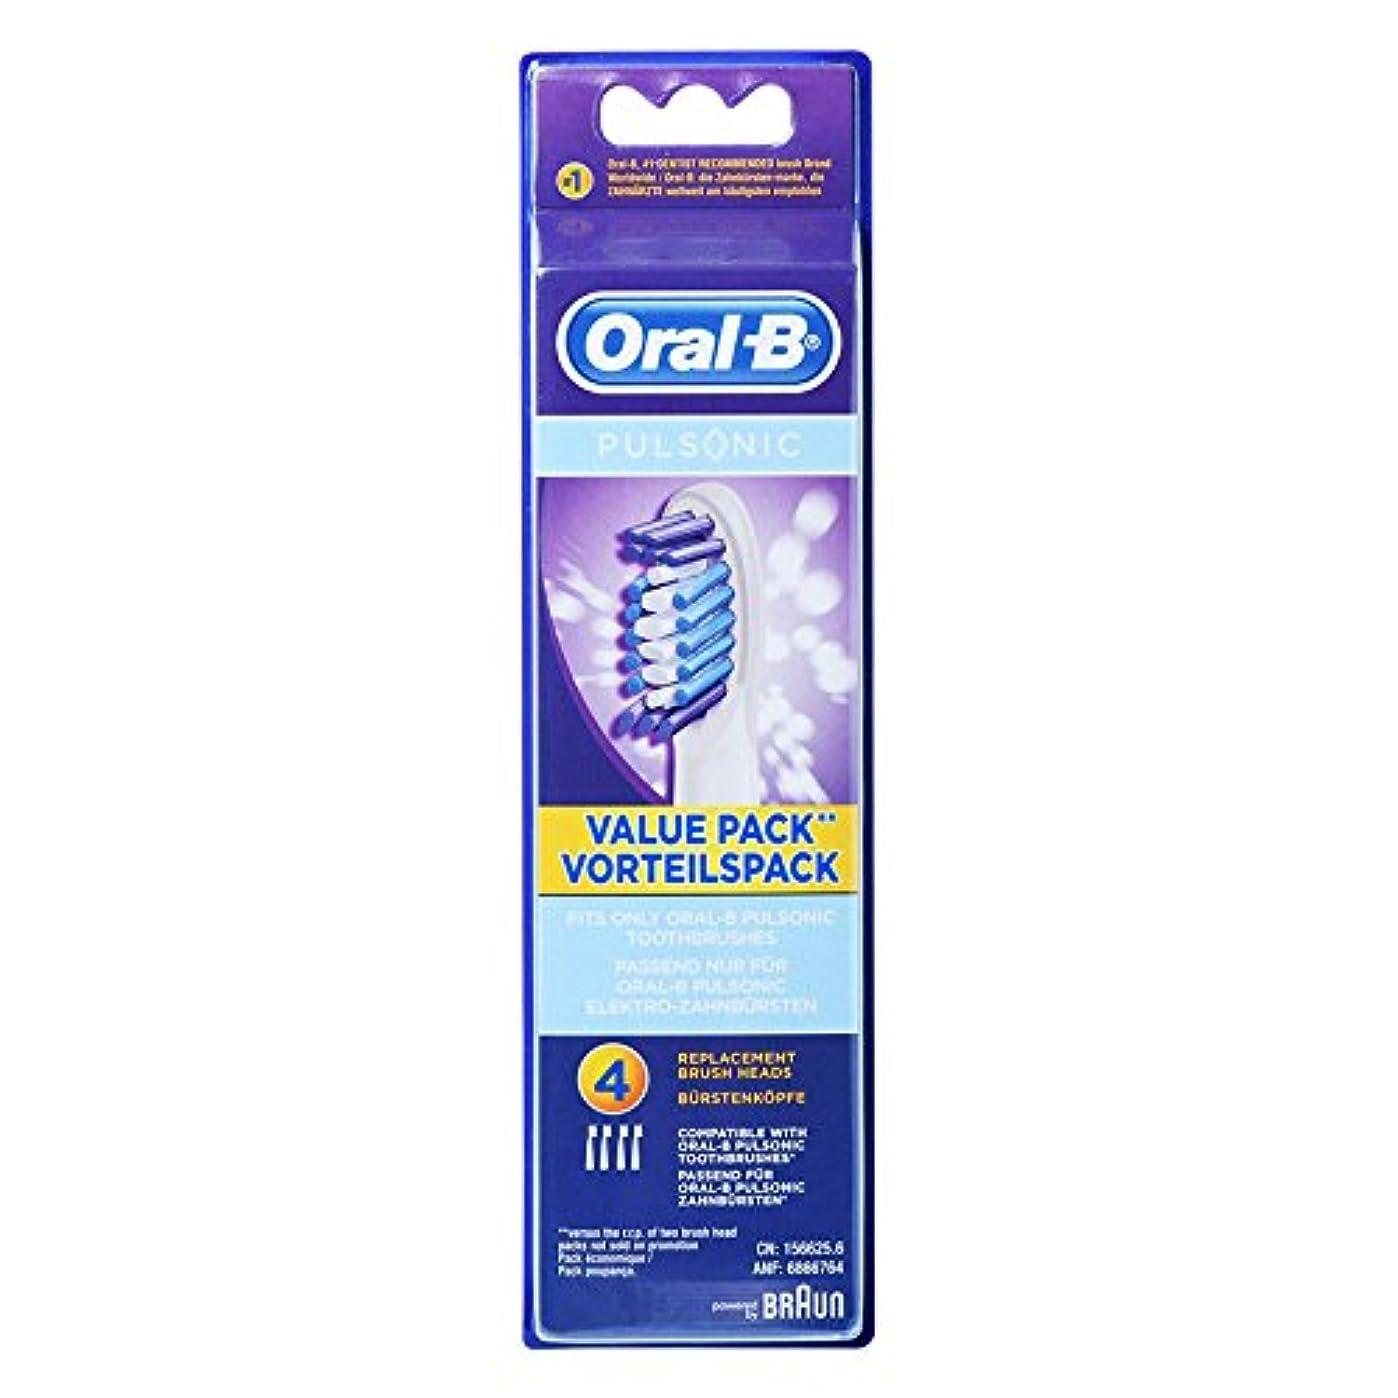 ホラー慣れている約設定Braun Oral-B SR32-4 Pulsonic Value Pack 交換用ブラシヘッド 1Pack [並行輸入品]